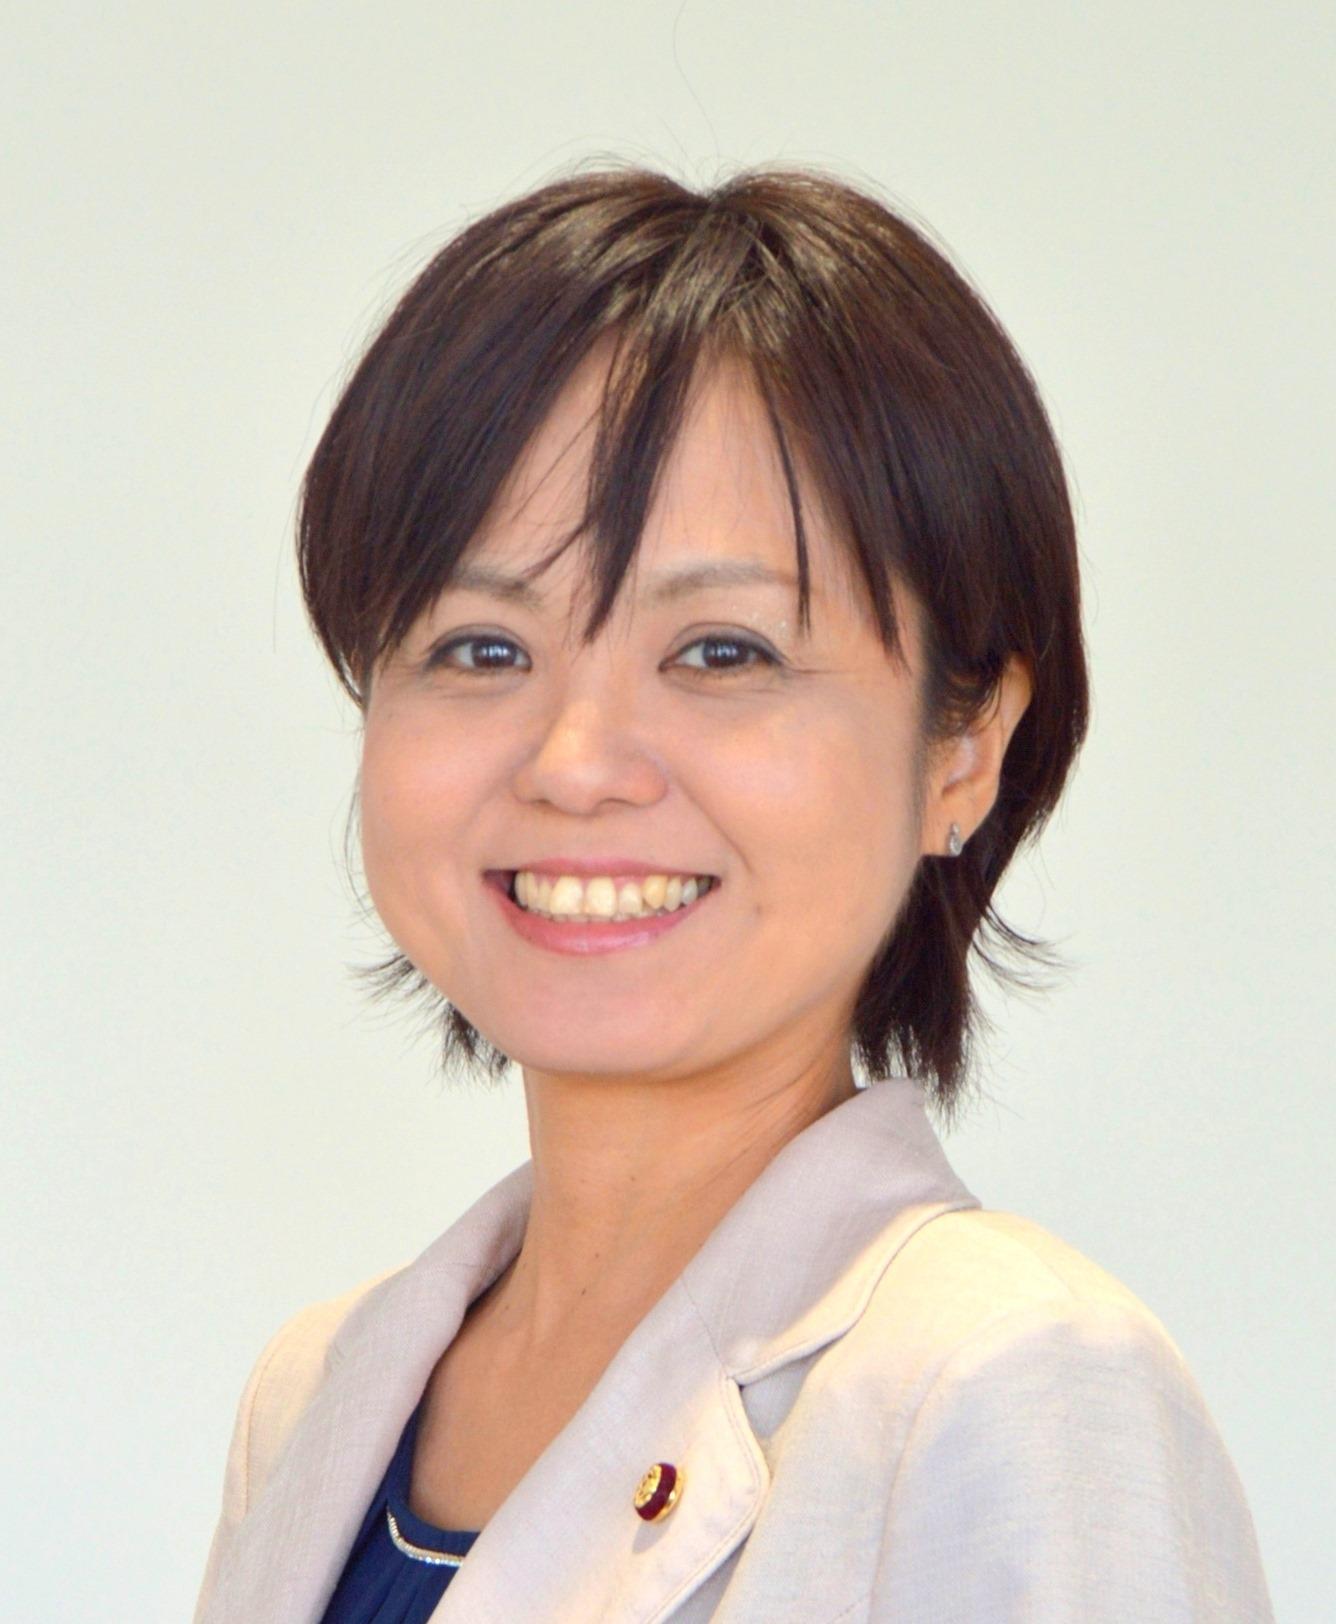 那覇市議会議員 前泊美紀(第14回マニ大実行委員長)